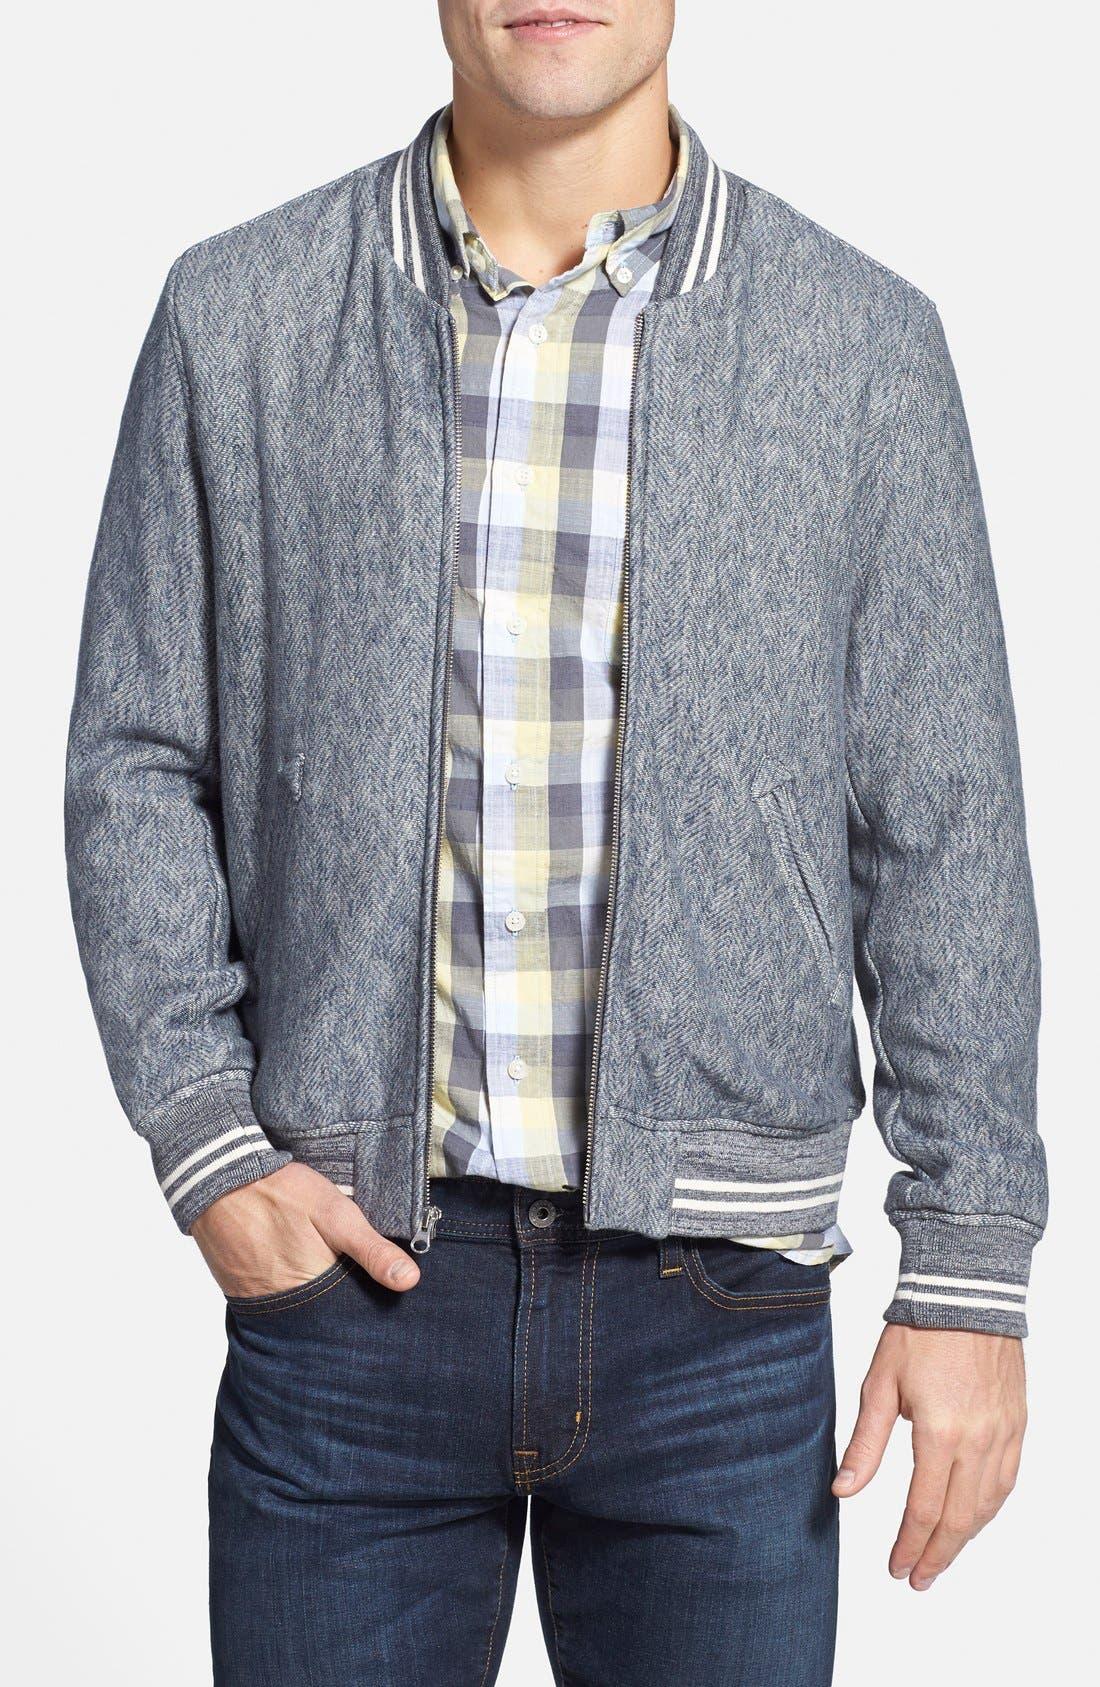 GRAYERS 'Russel' Herringbone Baseball Jacket, Main, color, 060